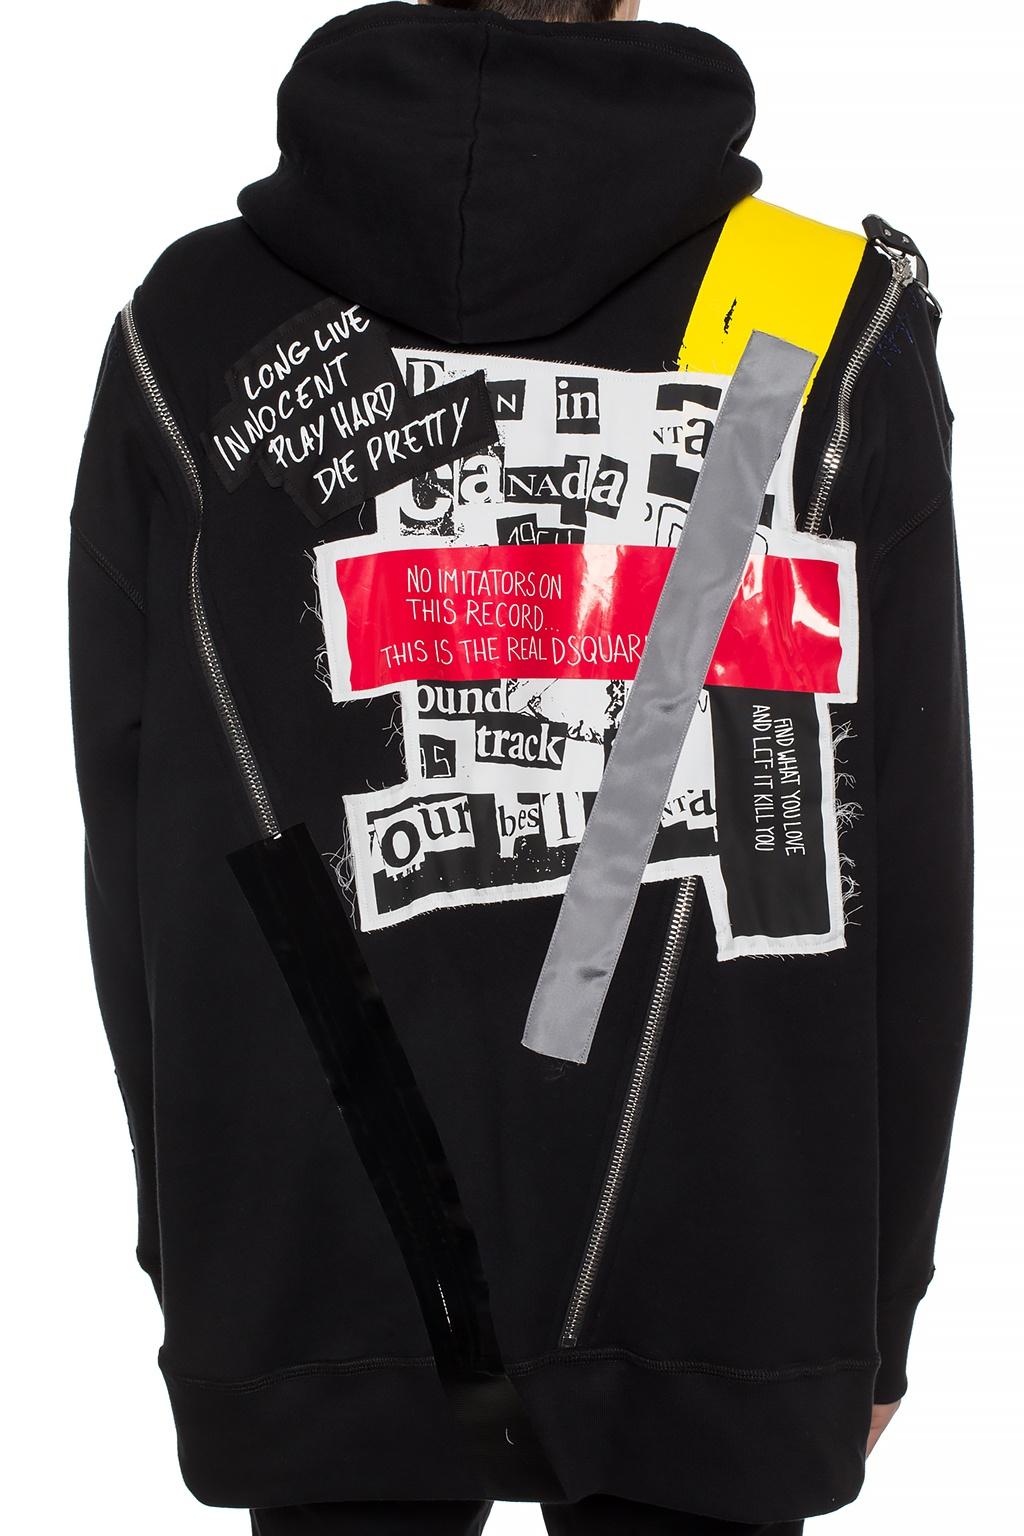 ZXGJHXF V/êtements dhiver Ensemble surv/êtement de Haute qualit/é Ski Suit Femmes Int/égr/é Ski Suit Femme en Plein Air Super Chaud Femme Ski Combinaisons